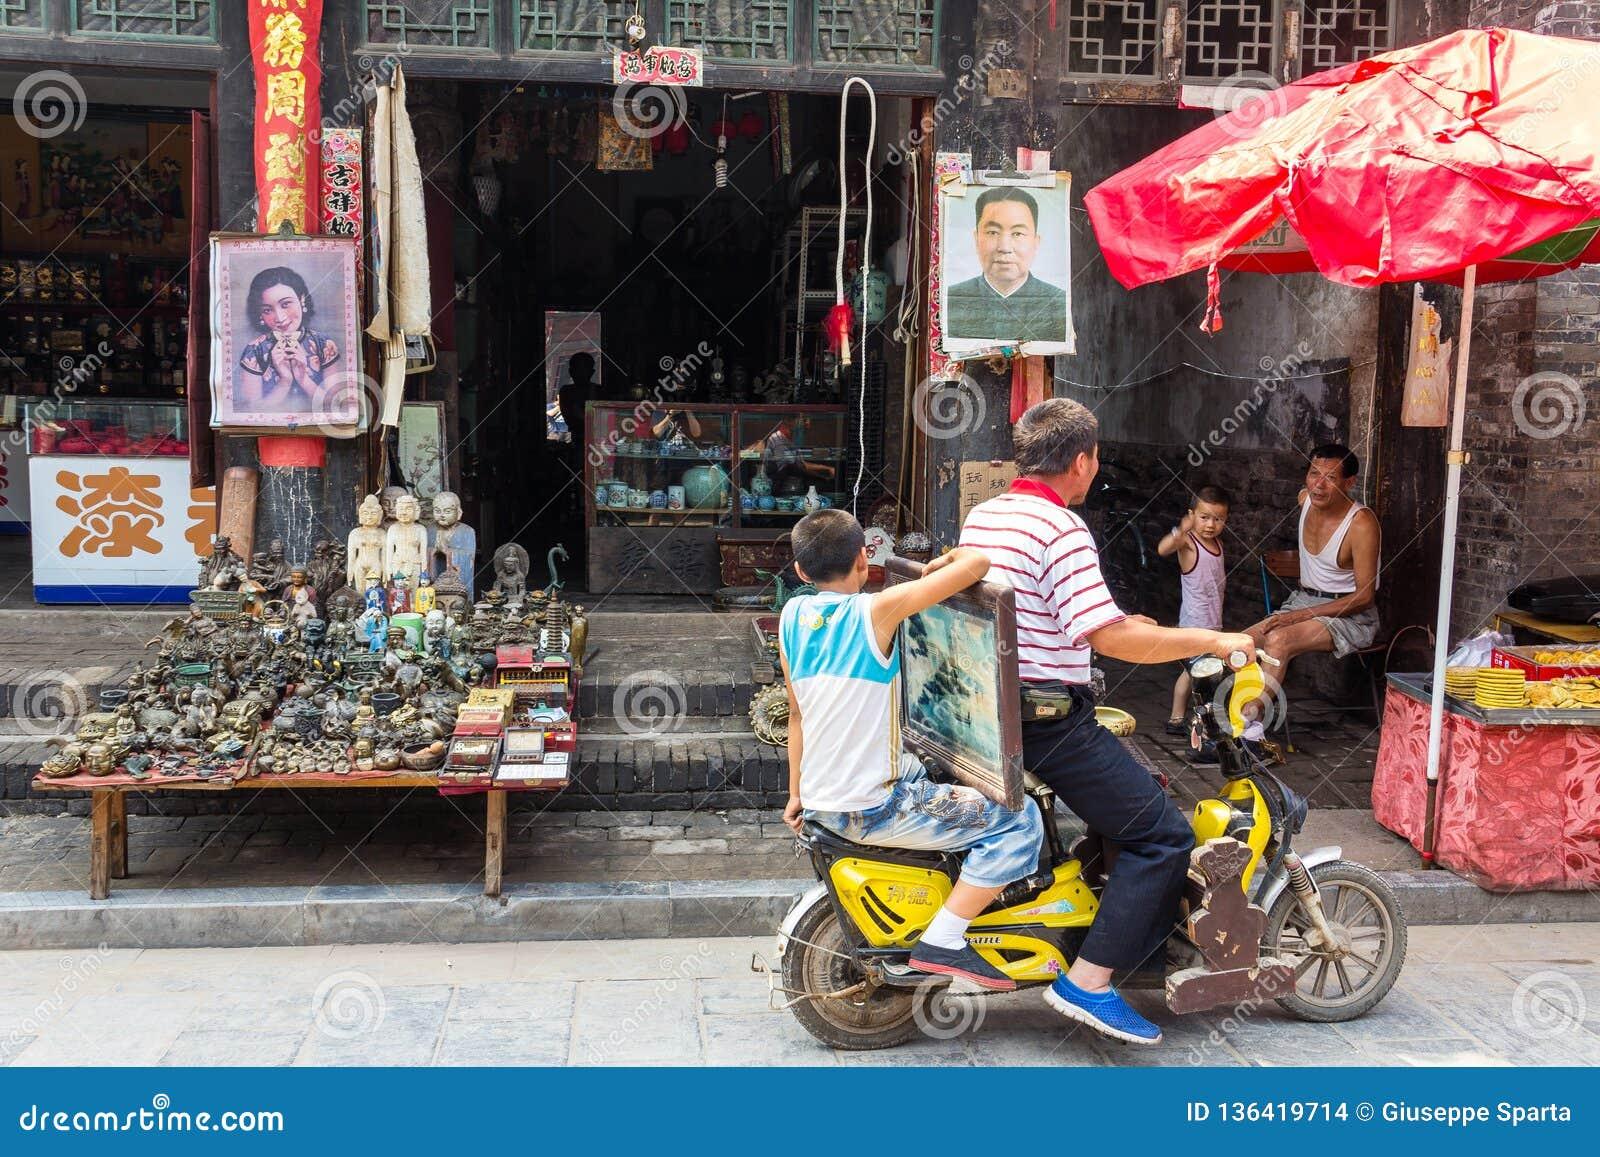 August 2013 - Pingyao, Shanxi, China - Alltagslebenszene in der Südstraße von Pingyao